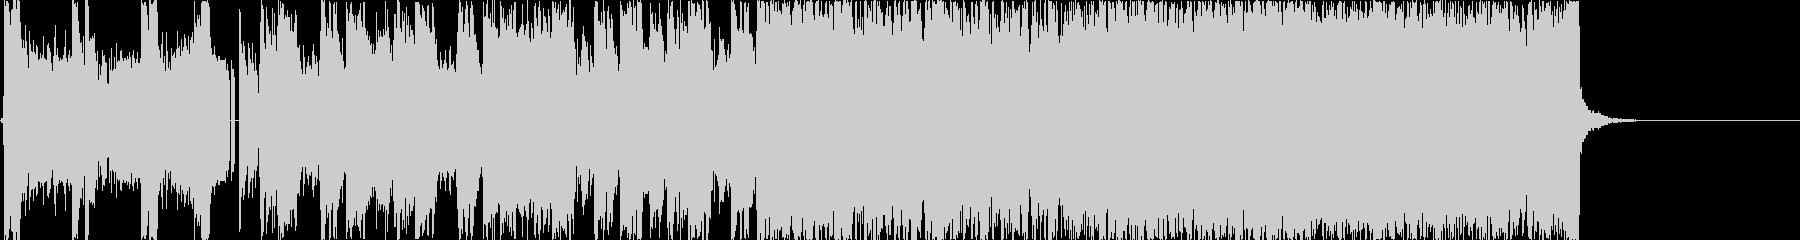 かっこ良いロックインスト-短縮版-の未再生の波形